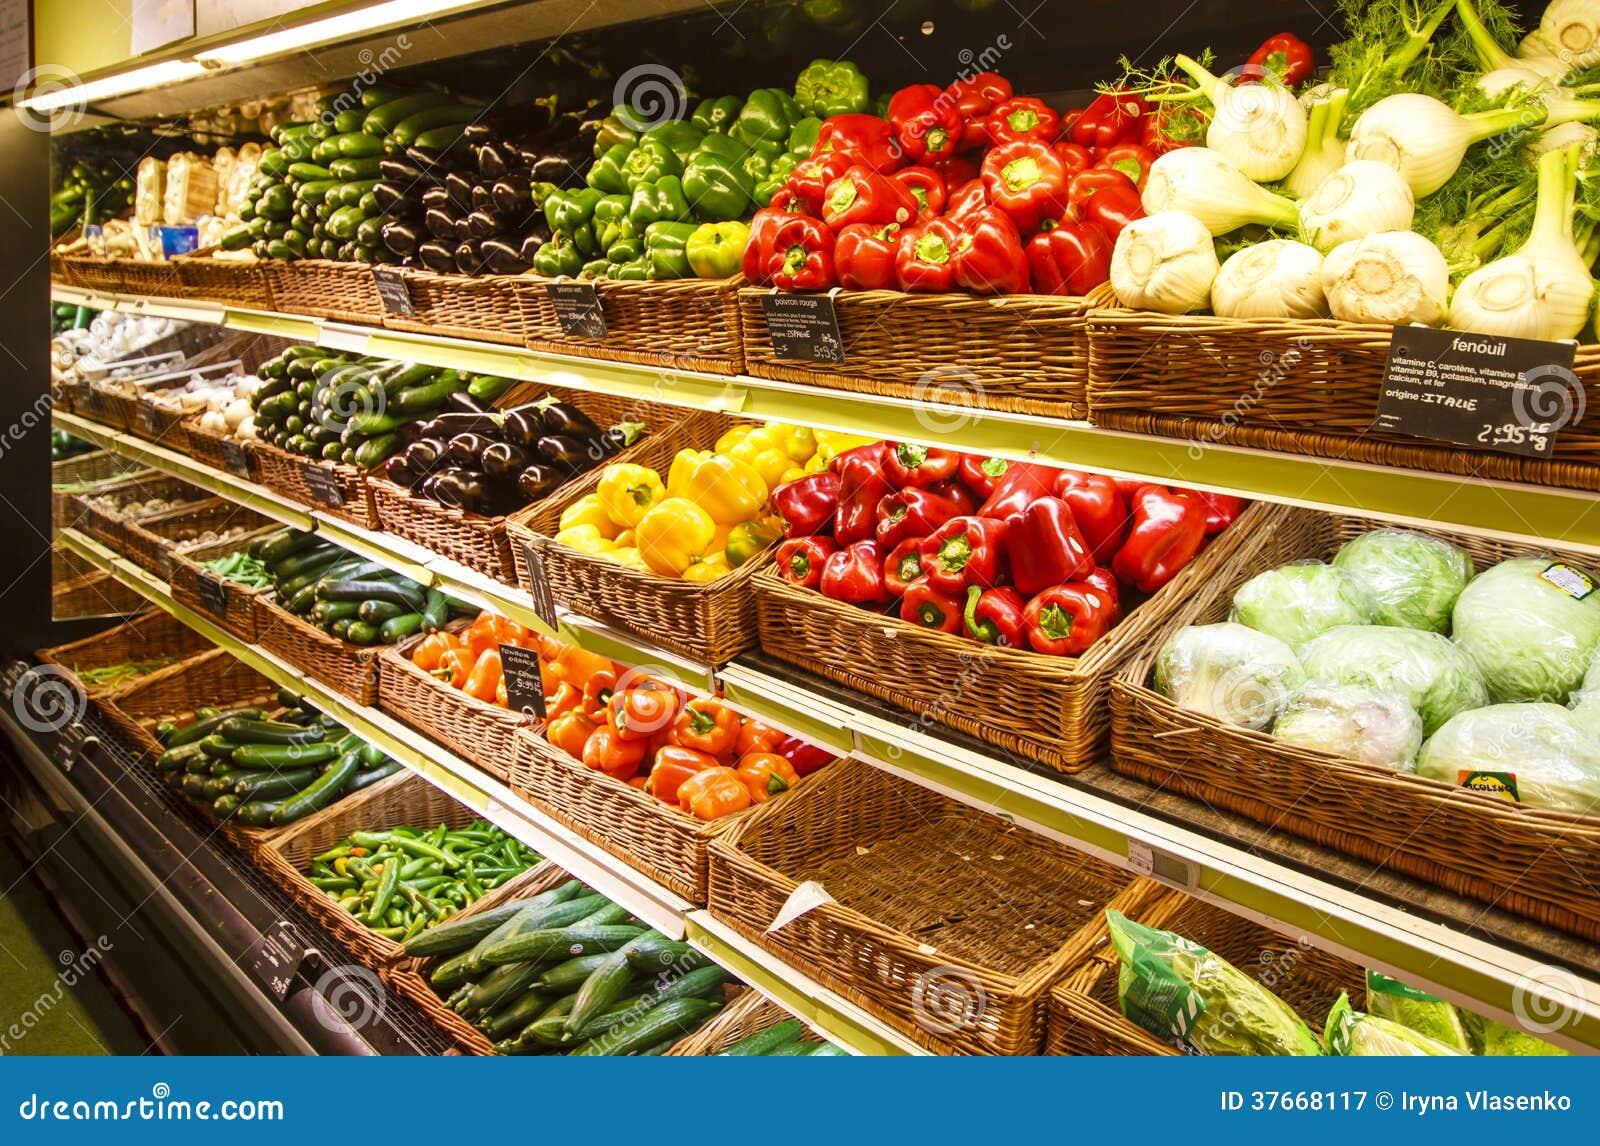 Sunrise Health Food Store